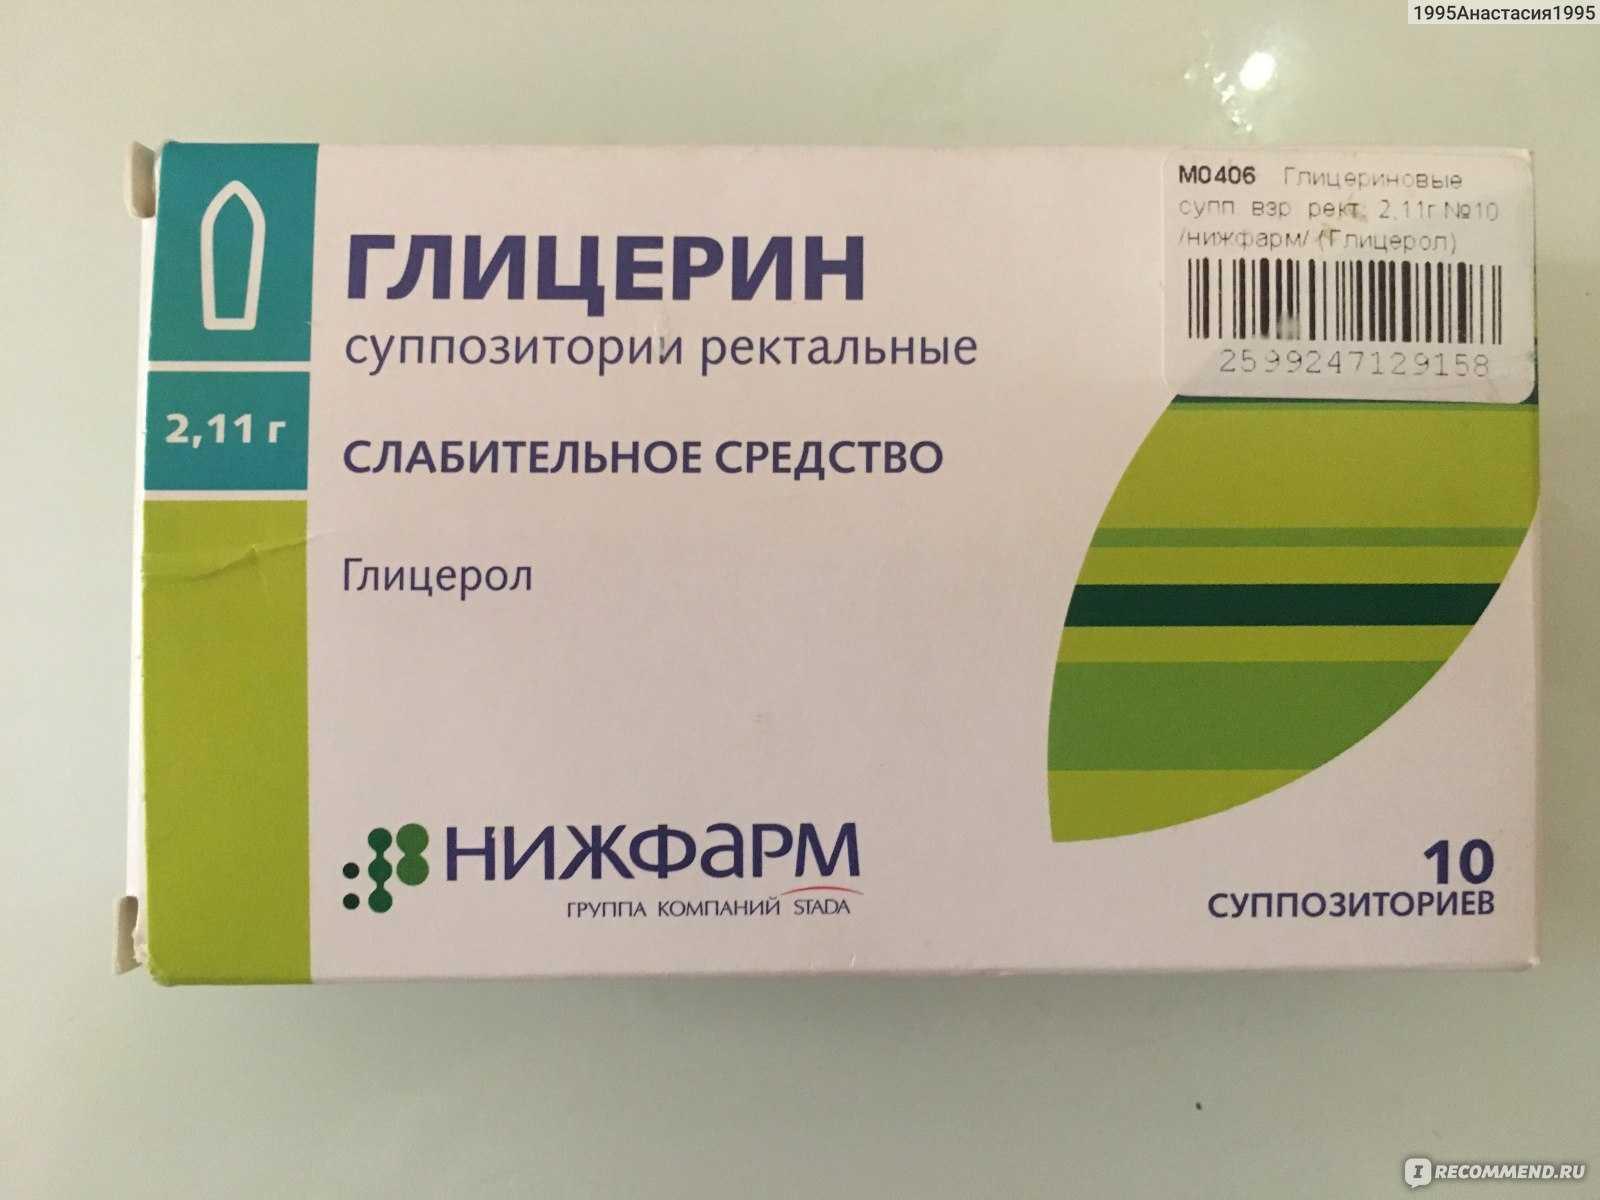 Свечи с глицерином для детей: инструкция по применению детского препарата